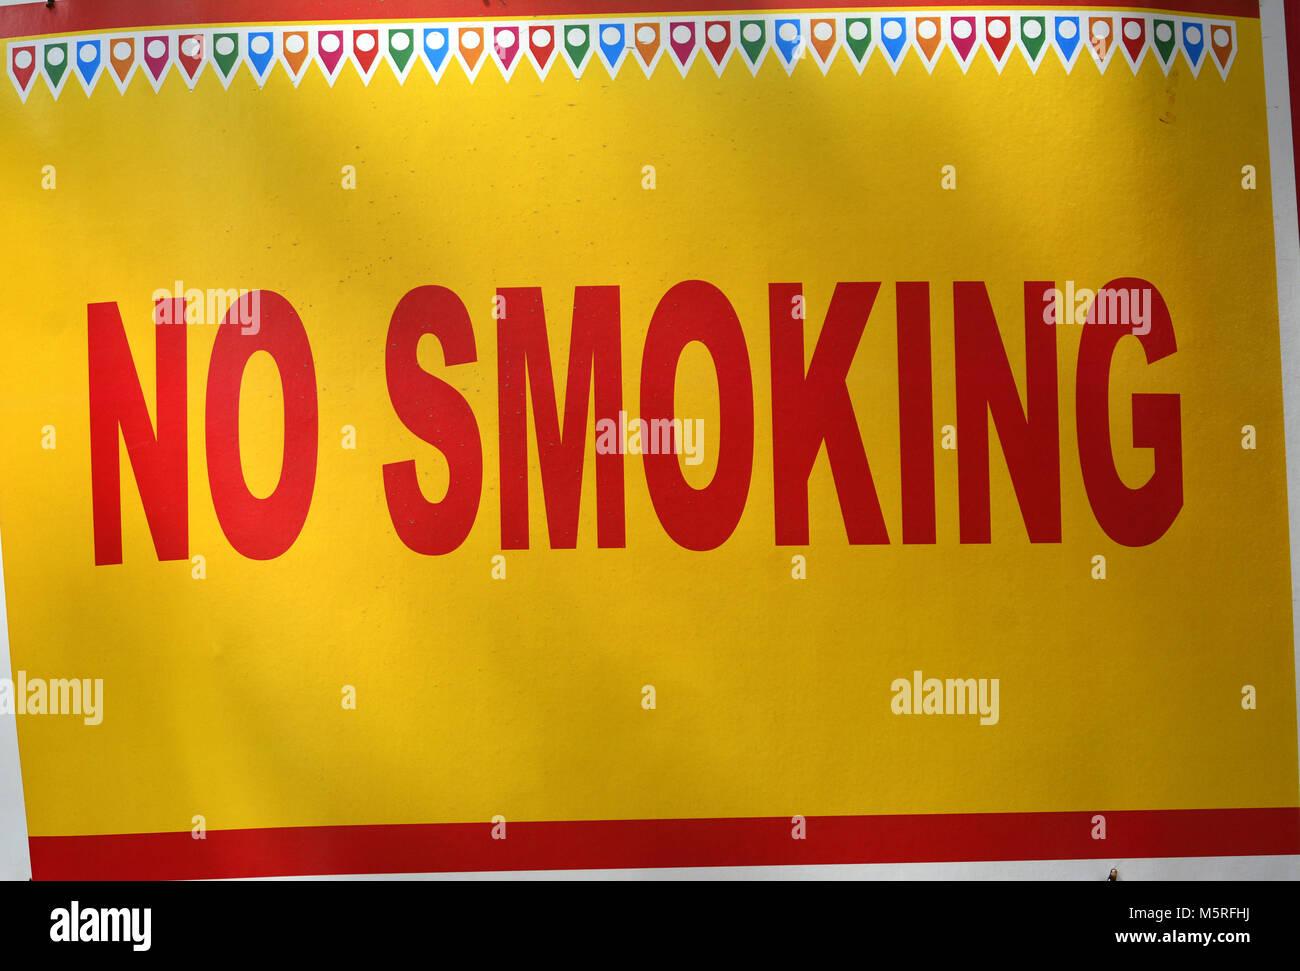 No Smoking Sign Board - Stock Image